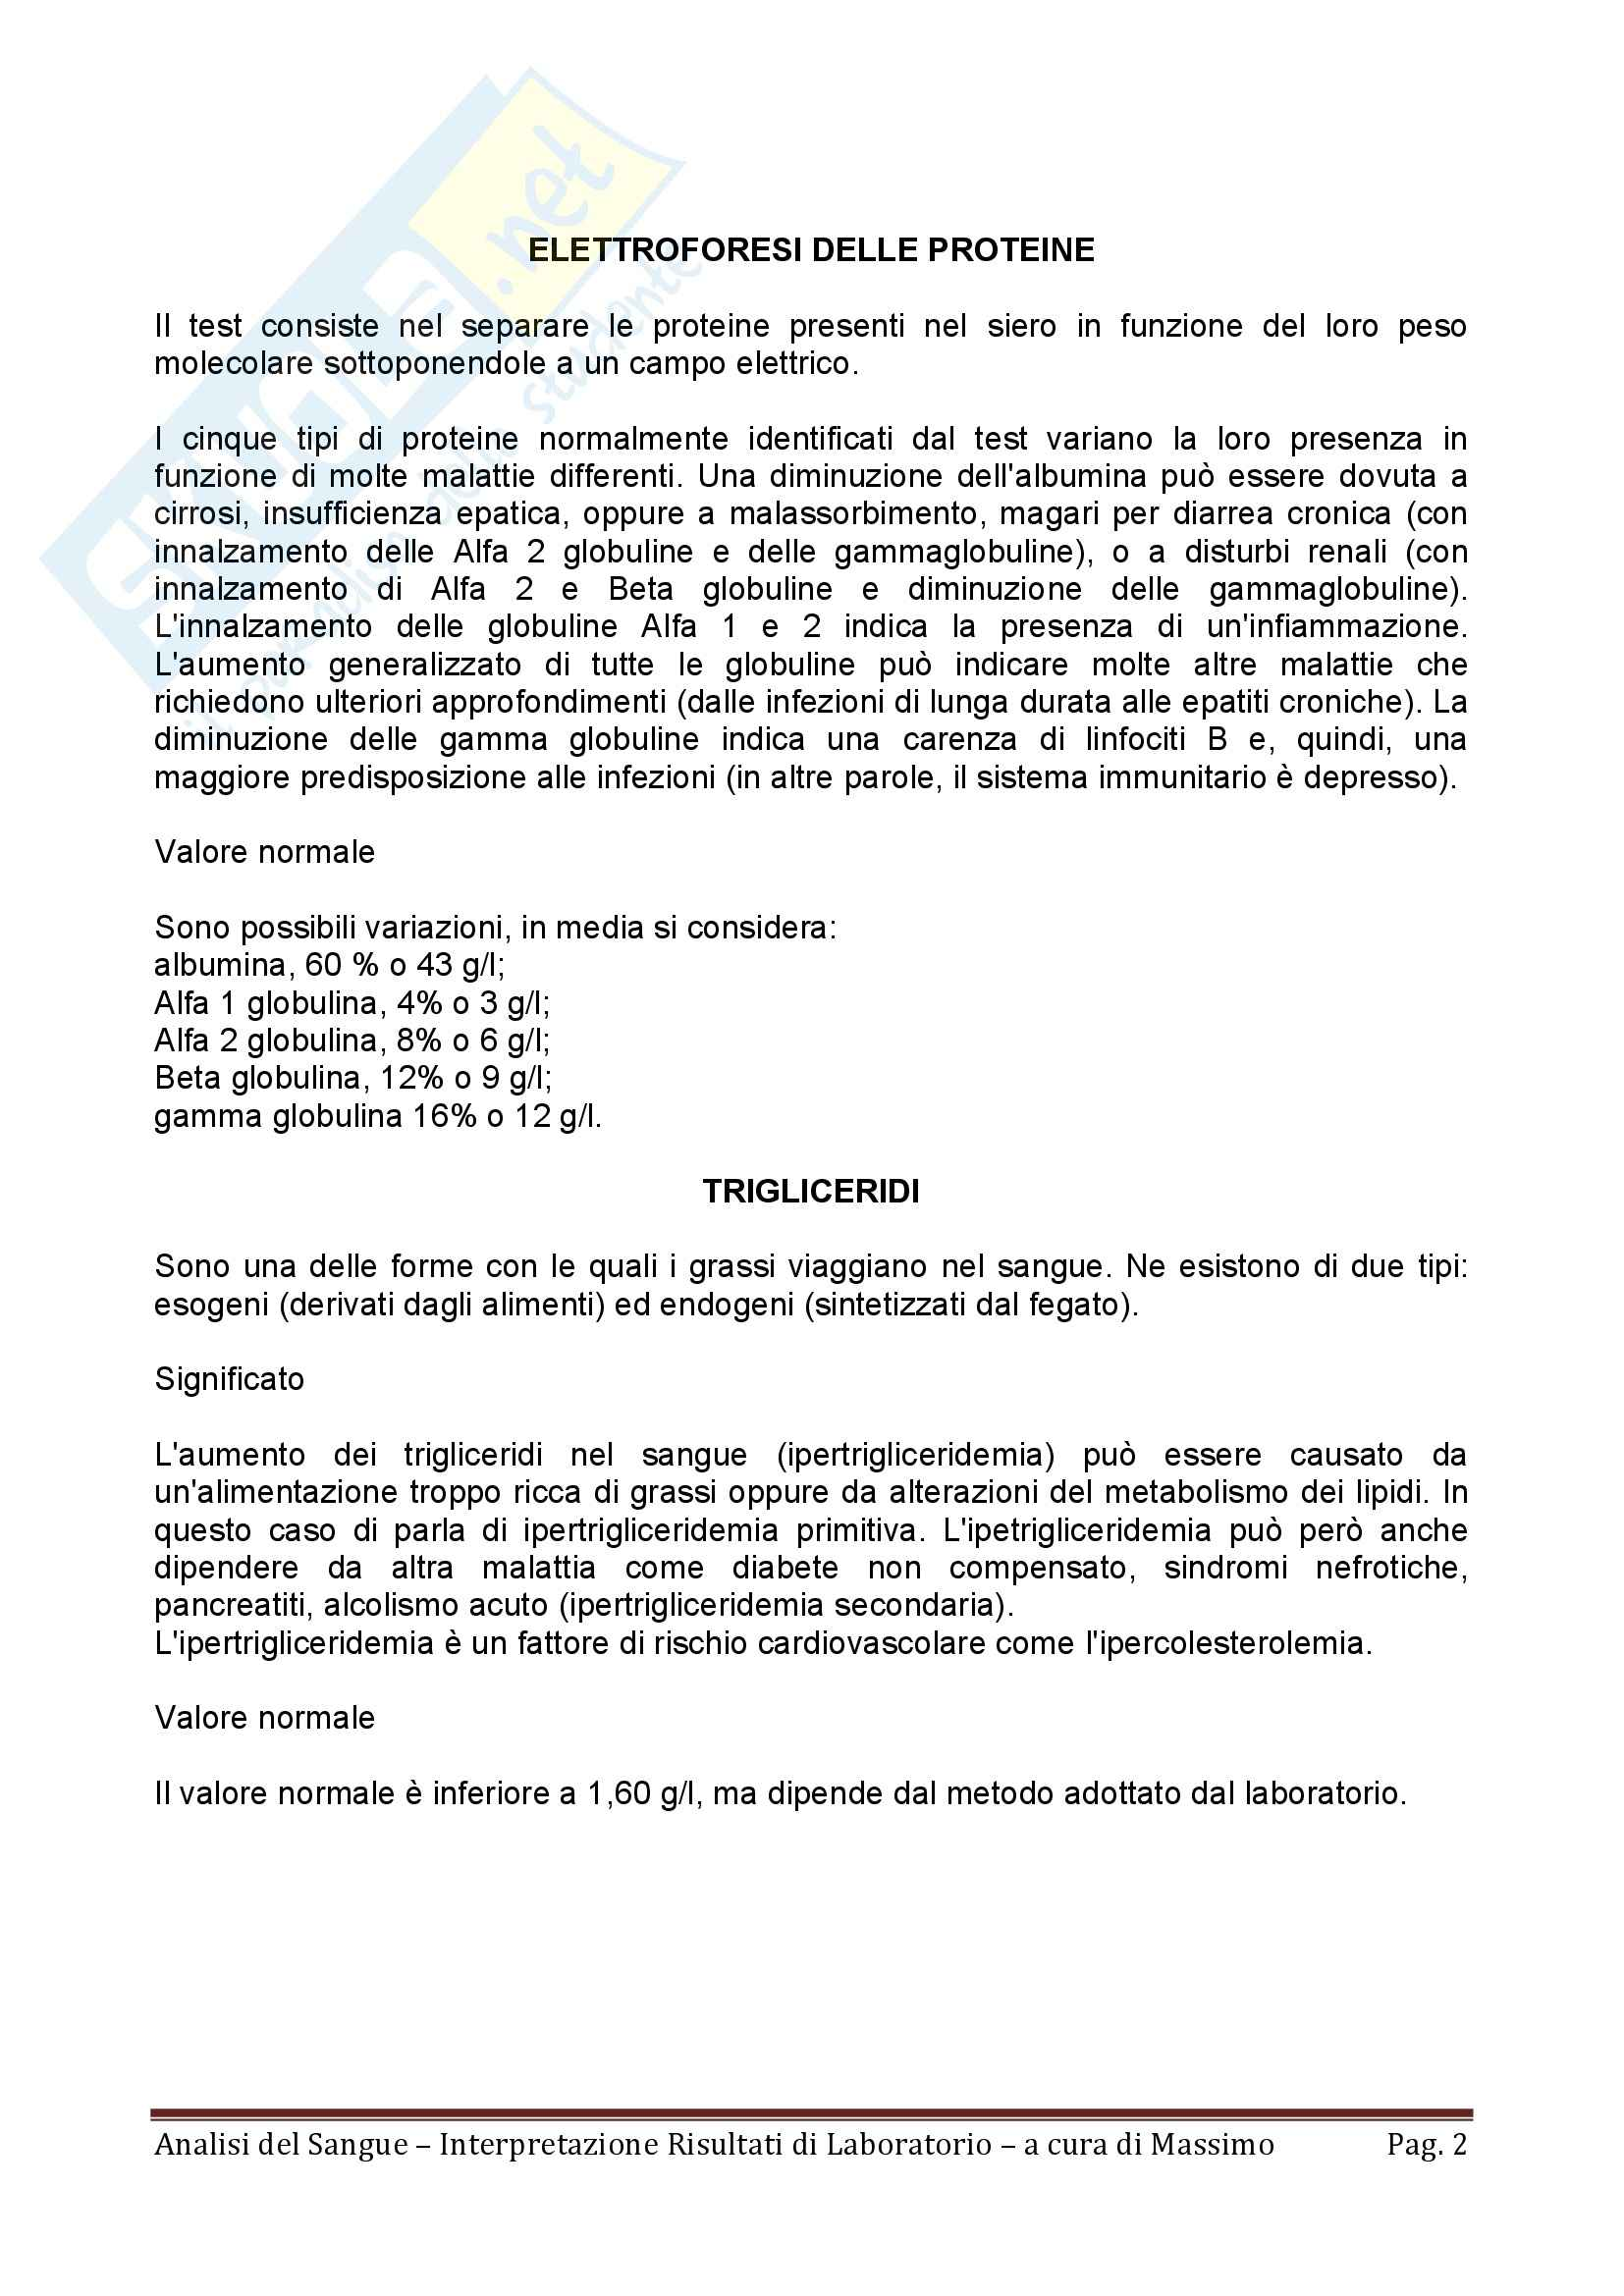 Ematologia - analisi del sangue e interpretazione dei risultati di laboratorio Pag. 2